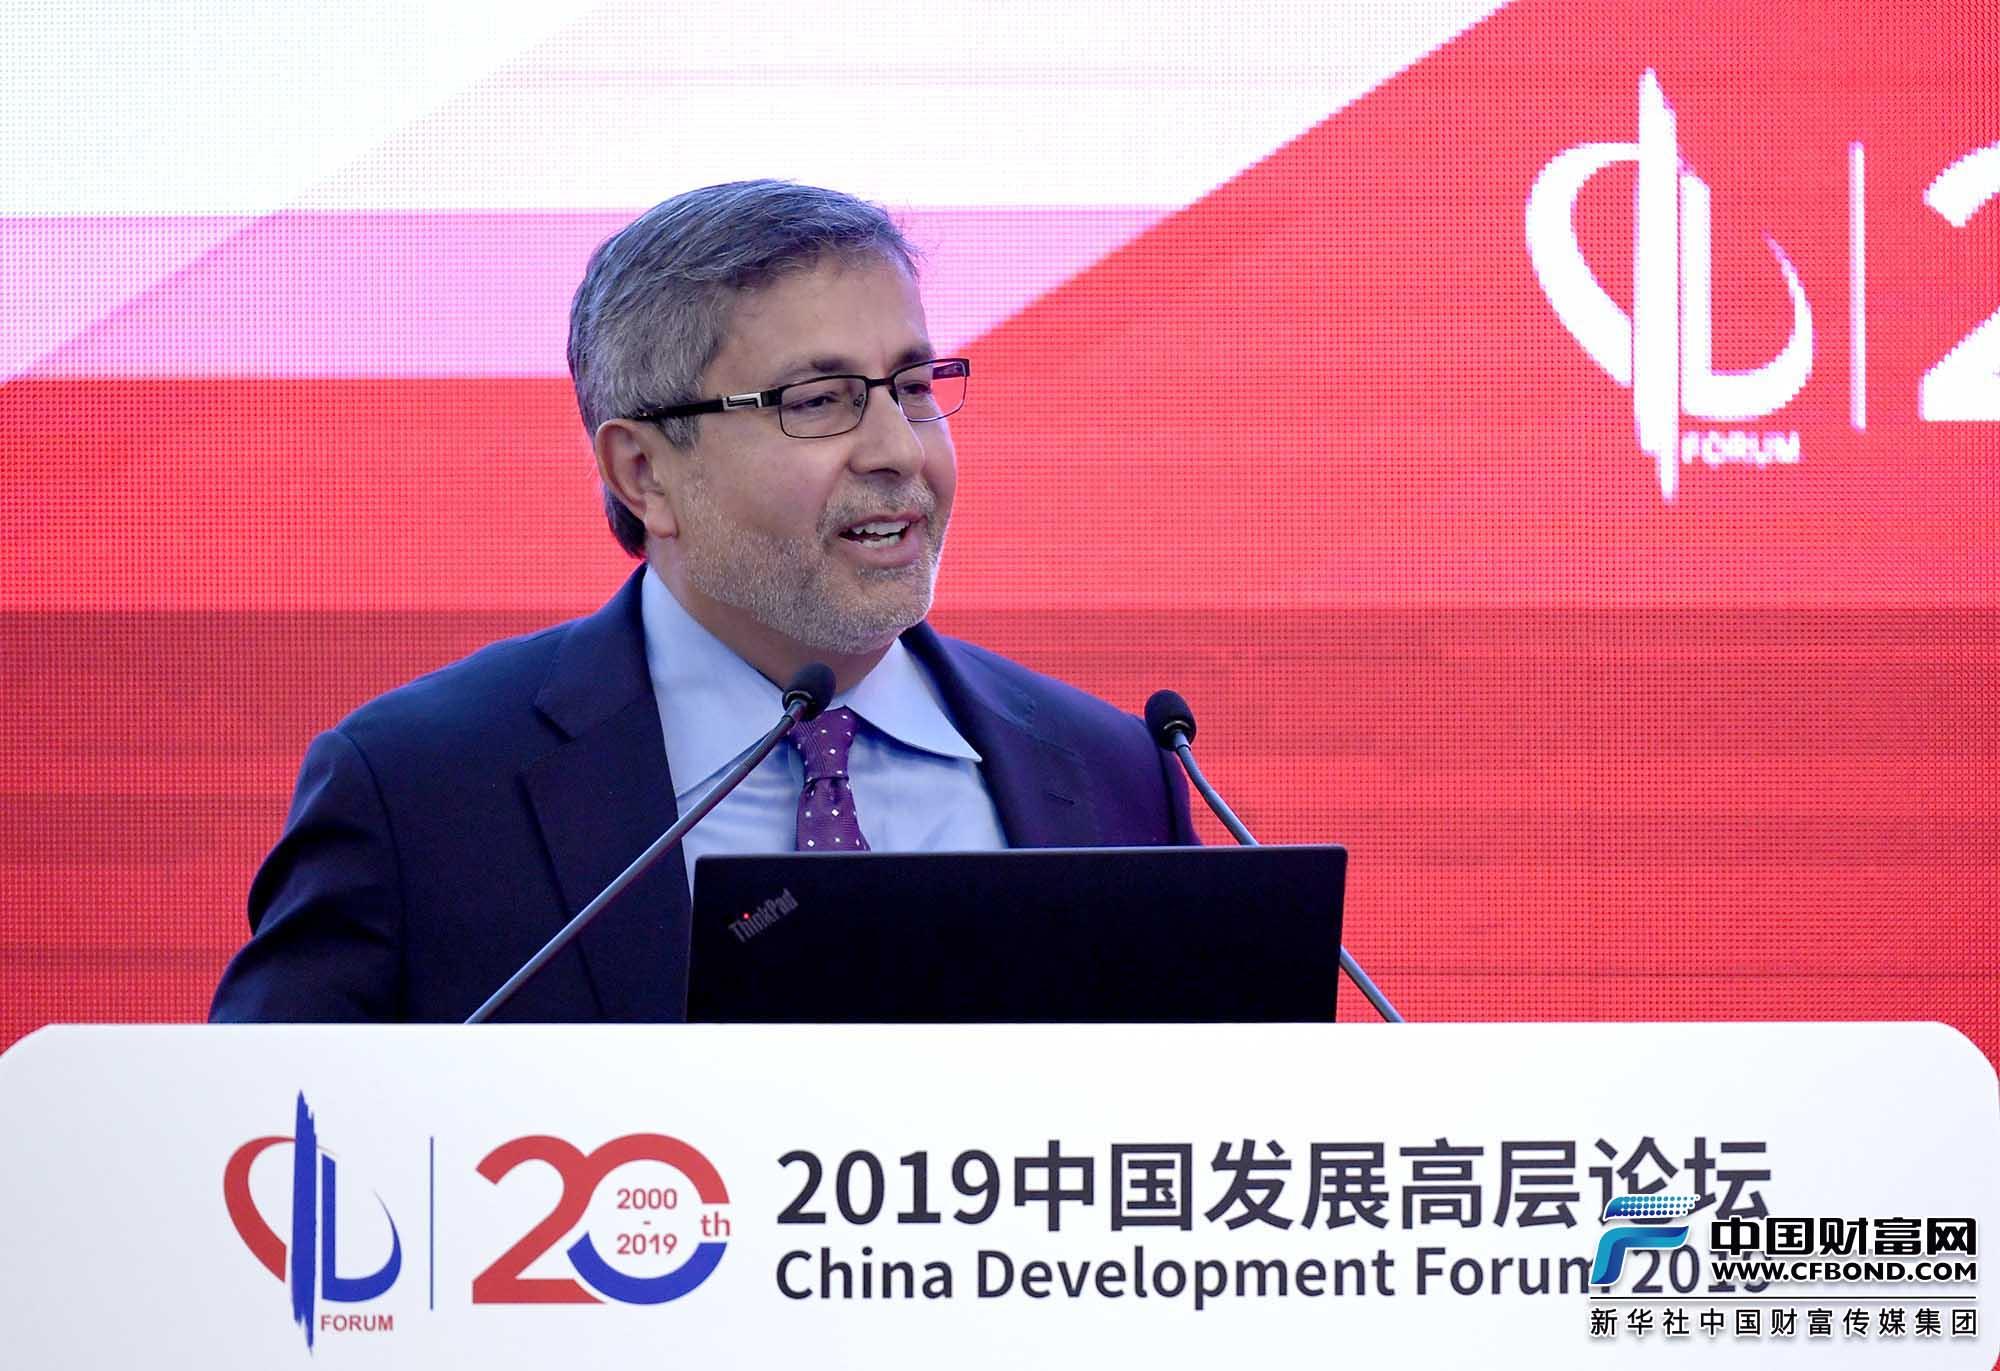 桑贾·梅洛特:整个5G产业链已经做好准备